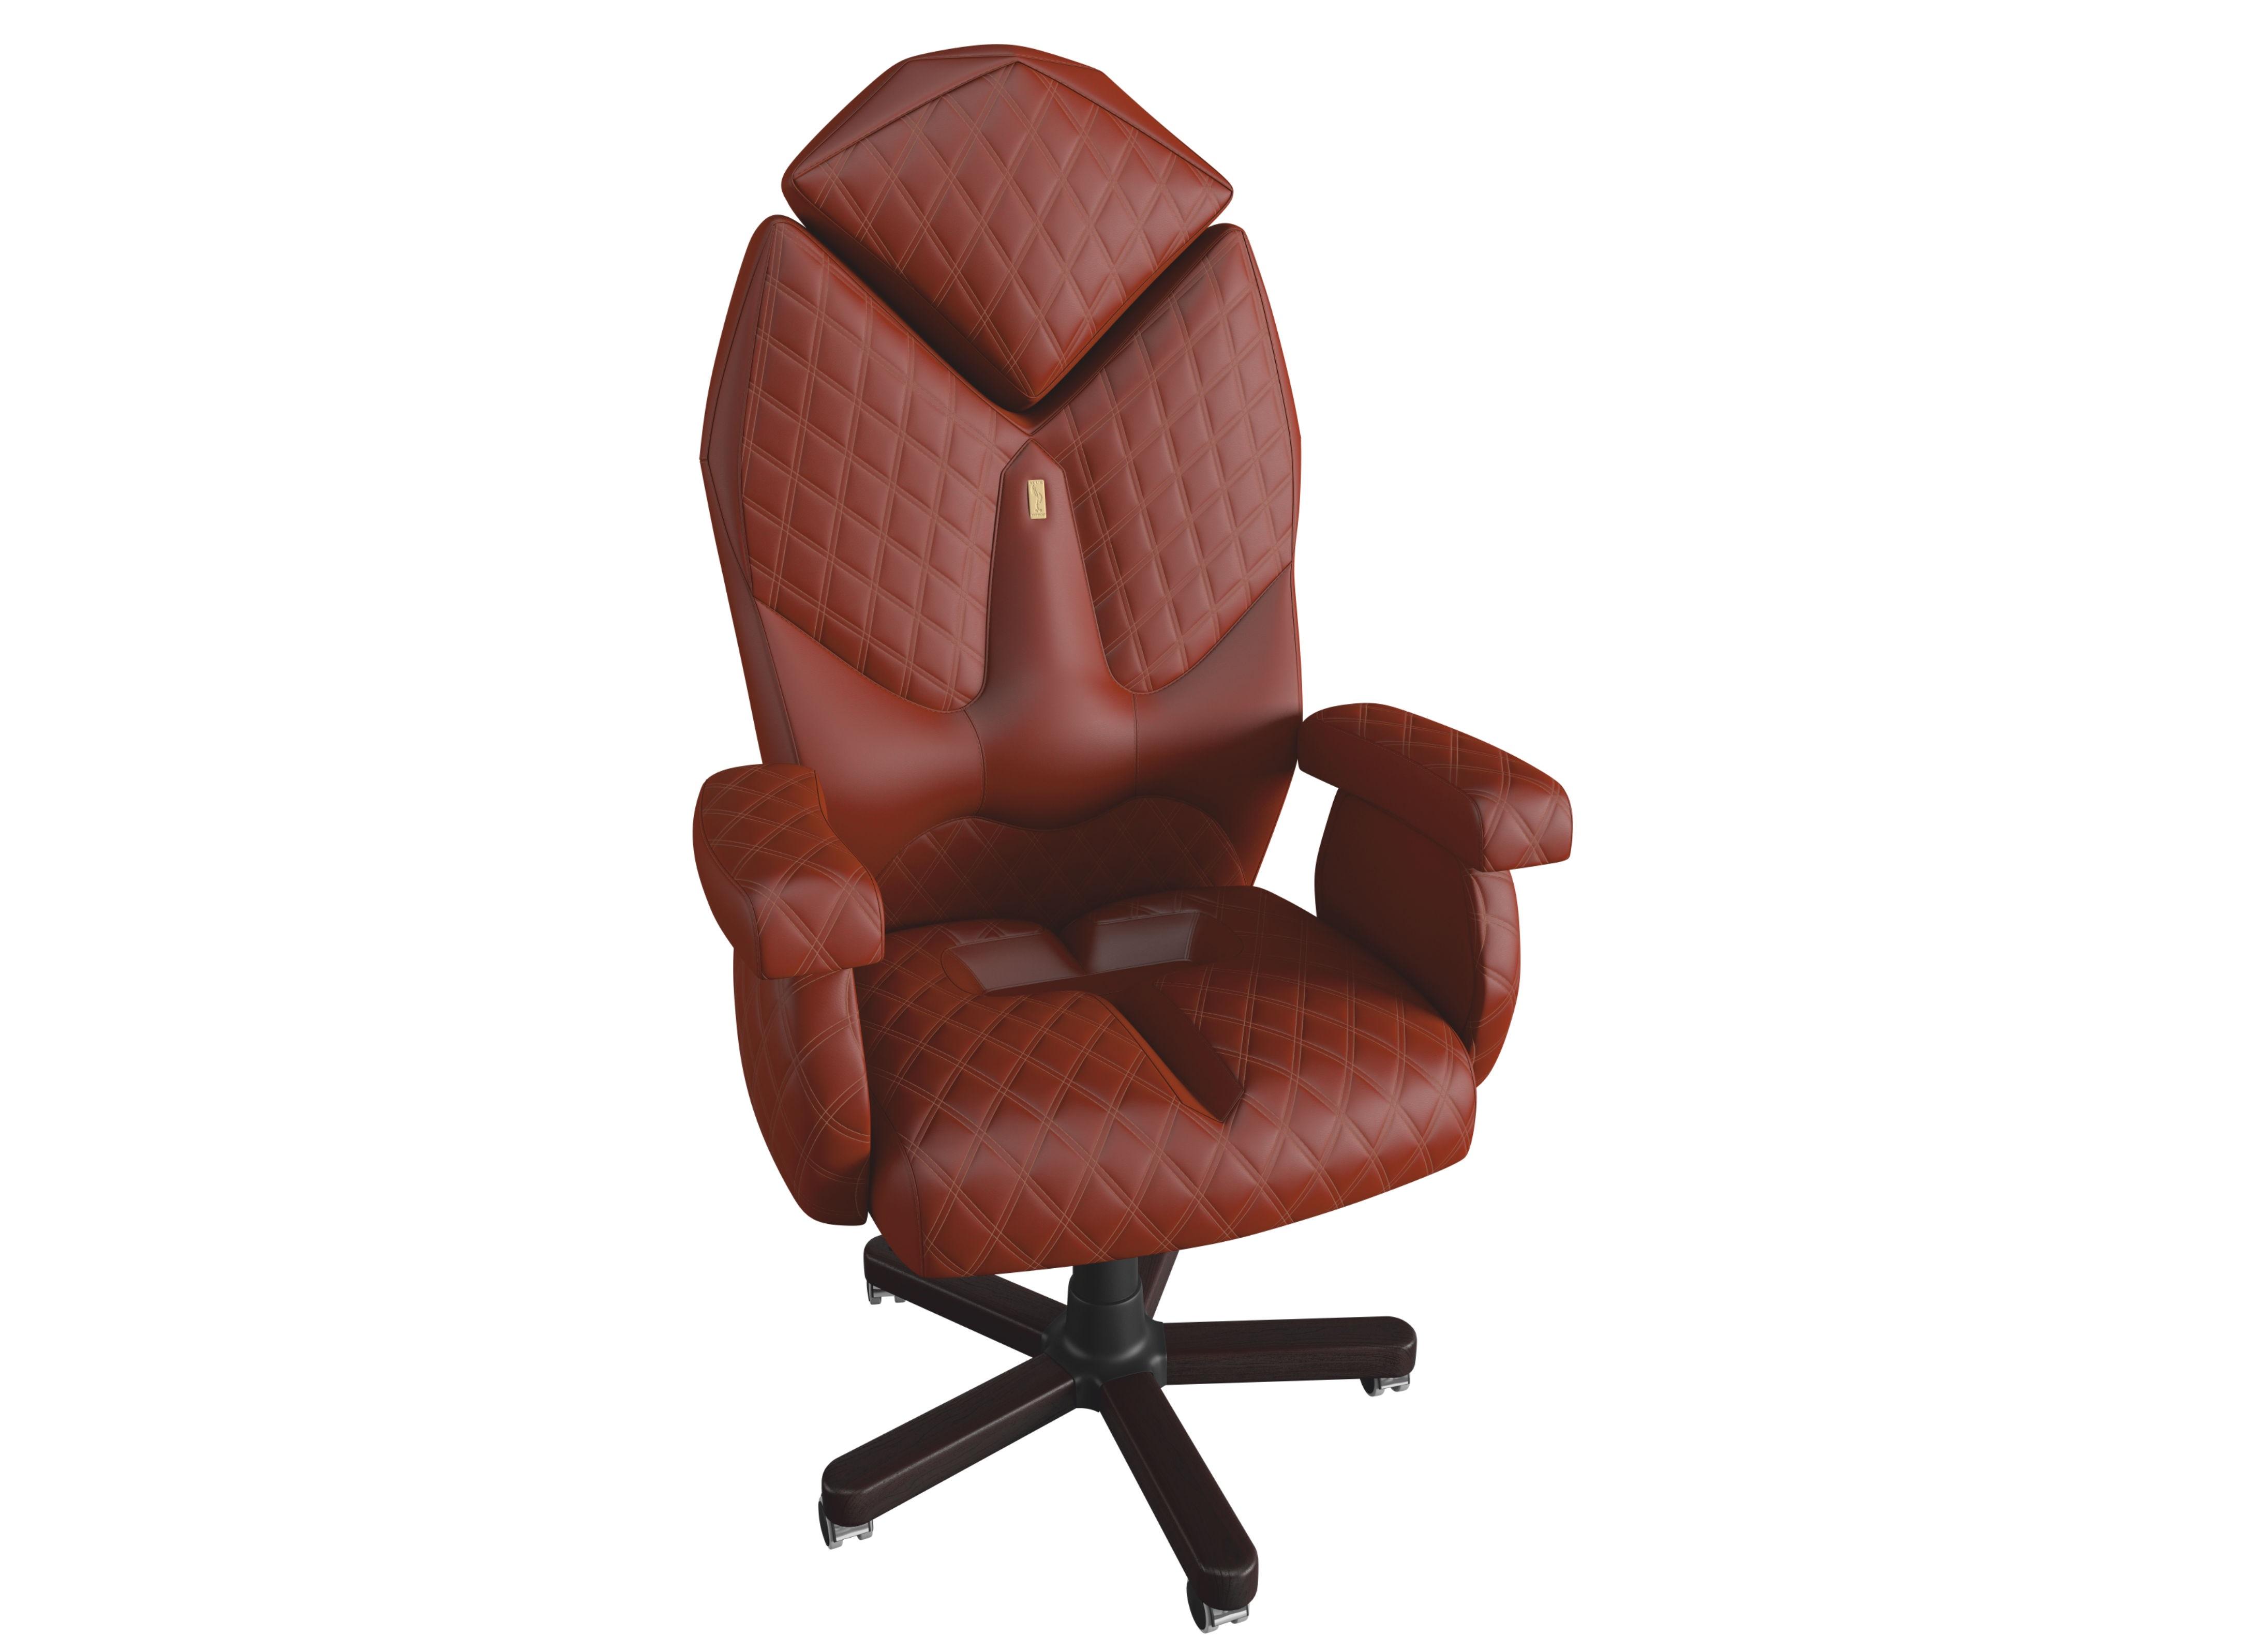 Кресло DIAMONDРабочие кресла<br>&amp;lt;div&amp;gt;Великолепное кресло руководителя Luxury-класса имеет специально разработанную системуKulik System и не только поддерживает, но и корректирует позвоночник. Это статусное кресло идеально подойдет для активного, уверенного в себе и, самое главное, успешного лидера, который хочет иметь все самое лучшее и всегда добивается своей цели.&amp;lt;/div&amp;gt;<br>&amp;lt;br&amp;gt;<br>&amp;lt;iframe width=&amp;quot;500&amp;quot; height=&amp;quot;320&amp;quot; src=&amp;quot;https://www.youtube.com/embed/6koG4IB7DW4&amp;quot; frameborder=&amp;quot;0&amp;quot; allowfullscreen=&amp;quot;&amp;quot;&amp;gt;&amp;lt;/iframe&amp;gt;<br>&amp;lt;br&amp;gt;<br>&amp;lt;iframe width=&amp;quot;500&amp;quot; height=&amp;quot;320&amp;quot; src=&amp;quot;https://www.youtube.com/embed/99WAtfUHlt0&amp;quot; frameborder=&amp;quot;0&amp;quot; allowfullscreen=&amp;quot;&amp;quot;&amp;gt;&amp;lt;/iframe&amp;gt;<br><br>Material: Кожа<br>Ширина см: 96.0<br>Высота см: 150.0<br>Глубина см: 79.0